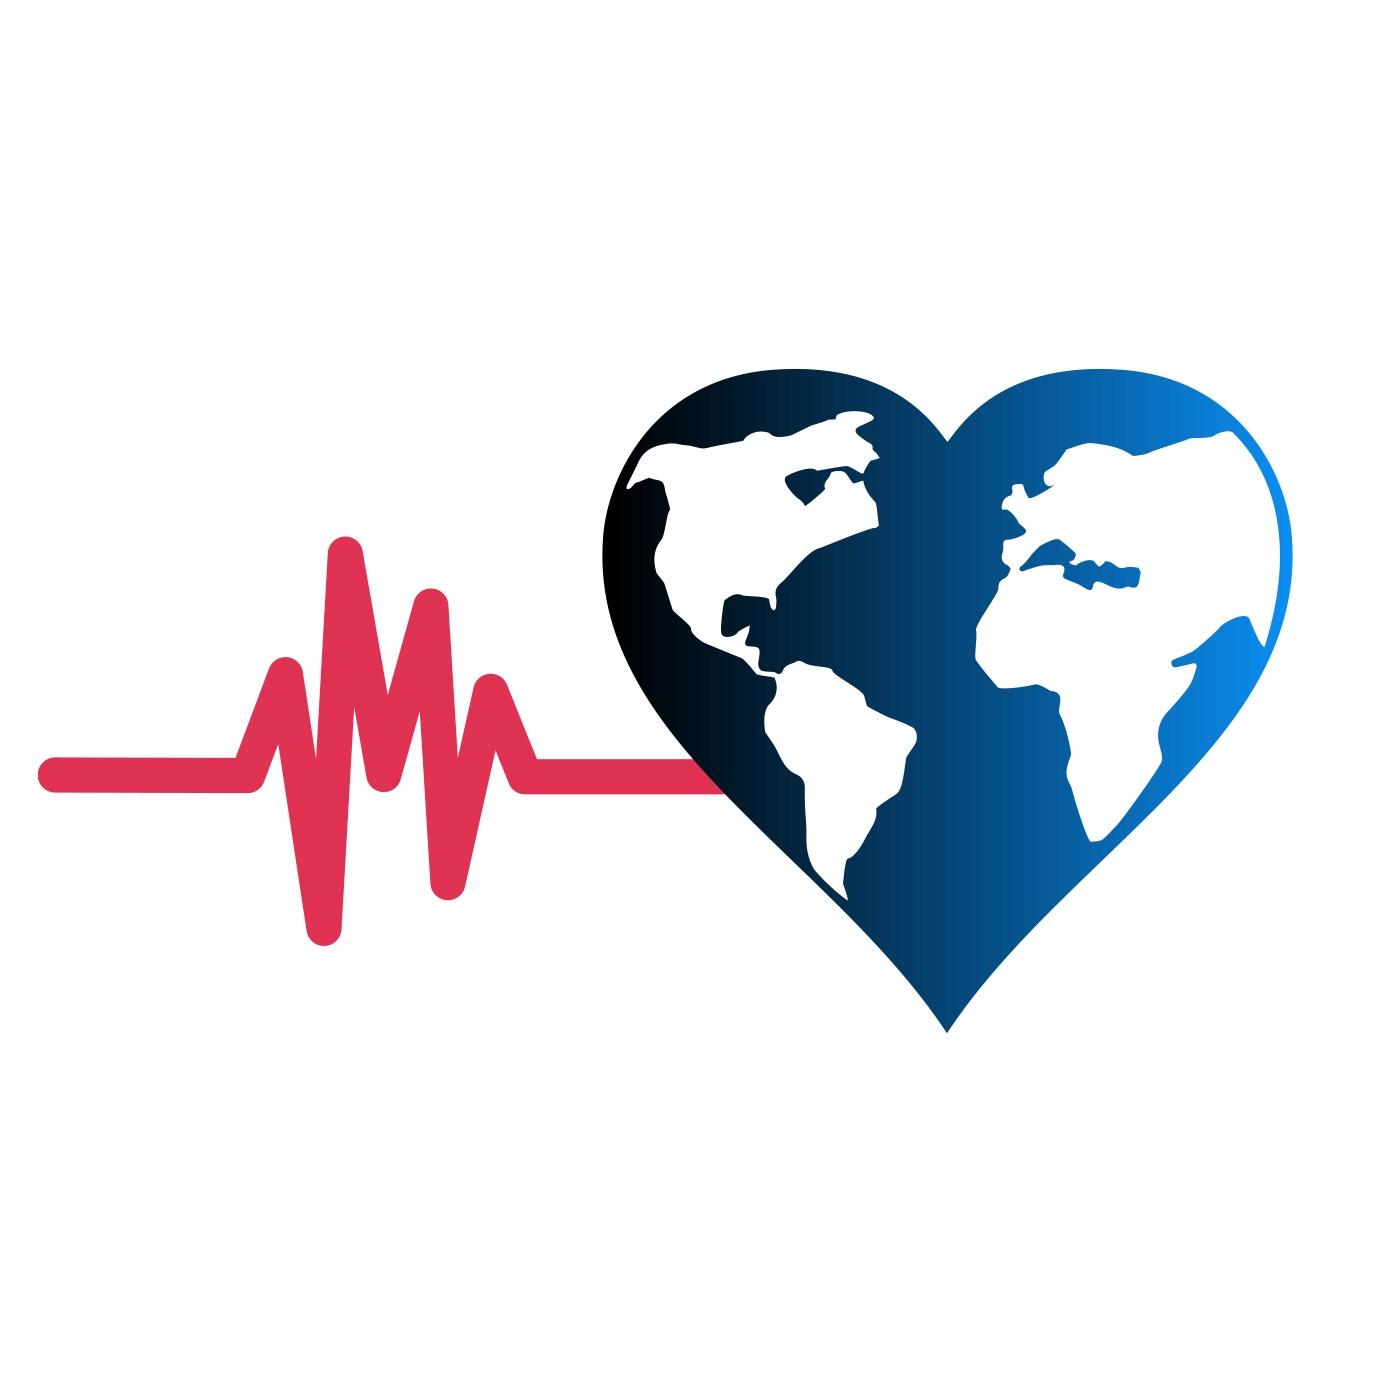 #15 Neue Wege gegen umweltschädliche Flughäfen und gefährliche Krankenhauskeime